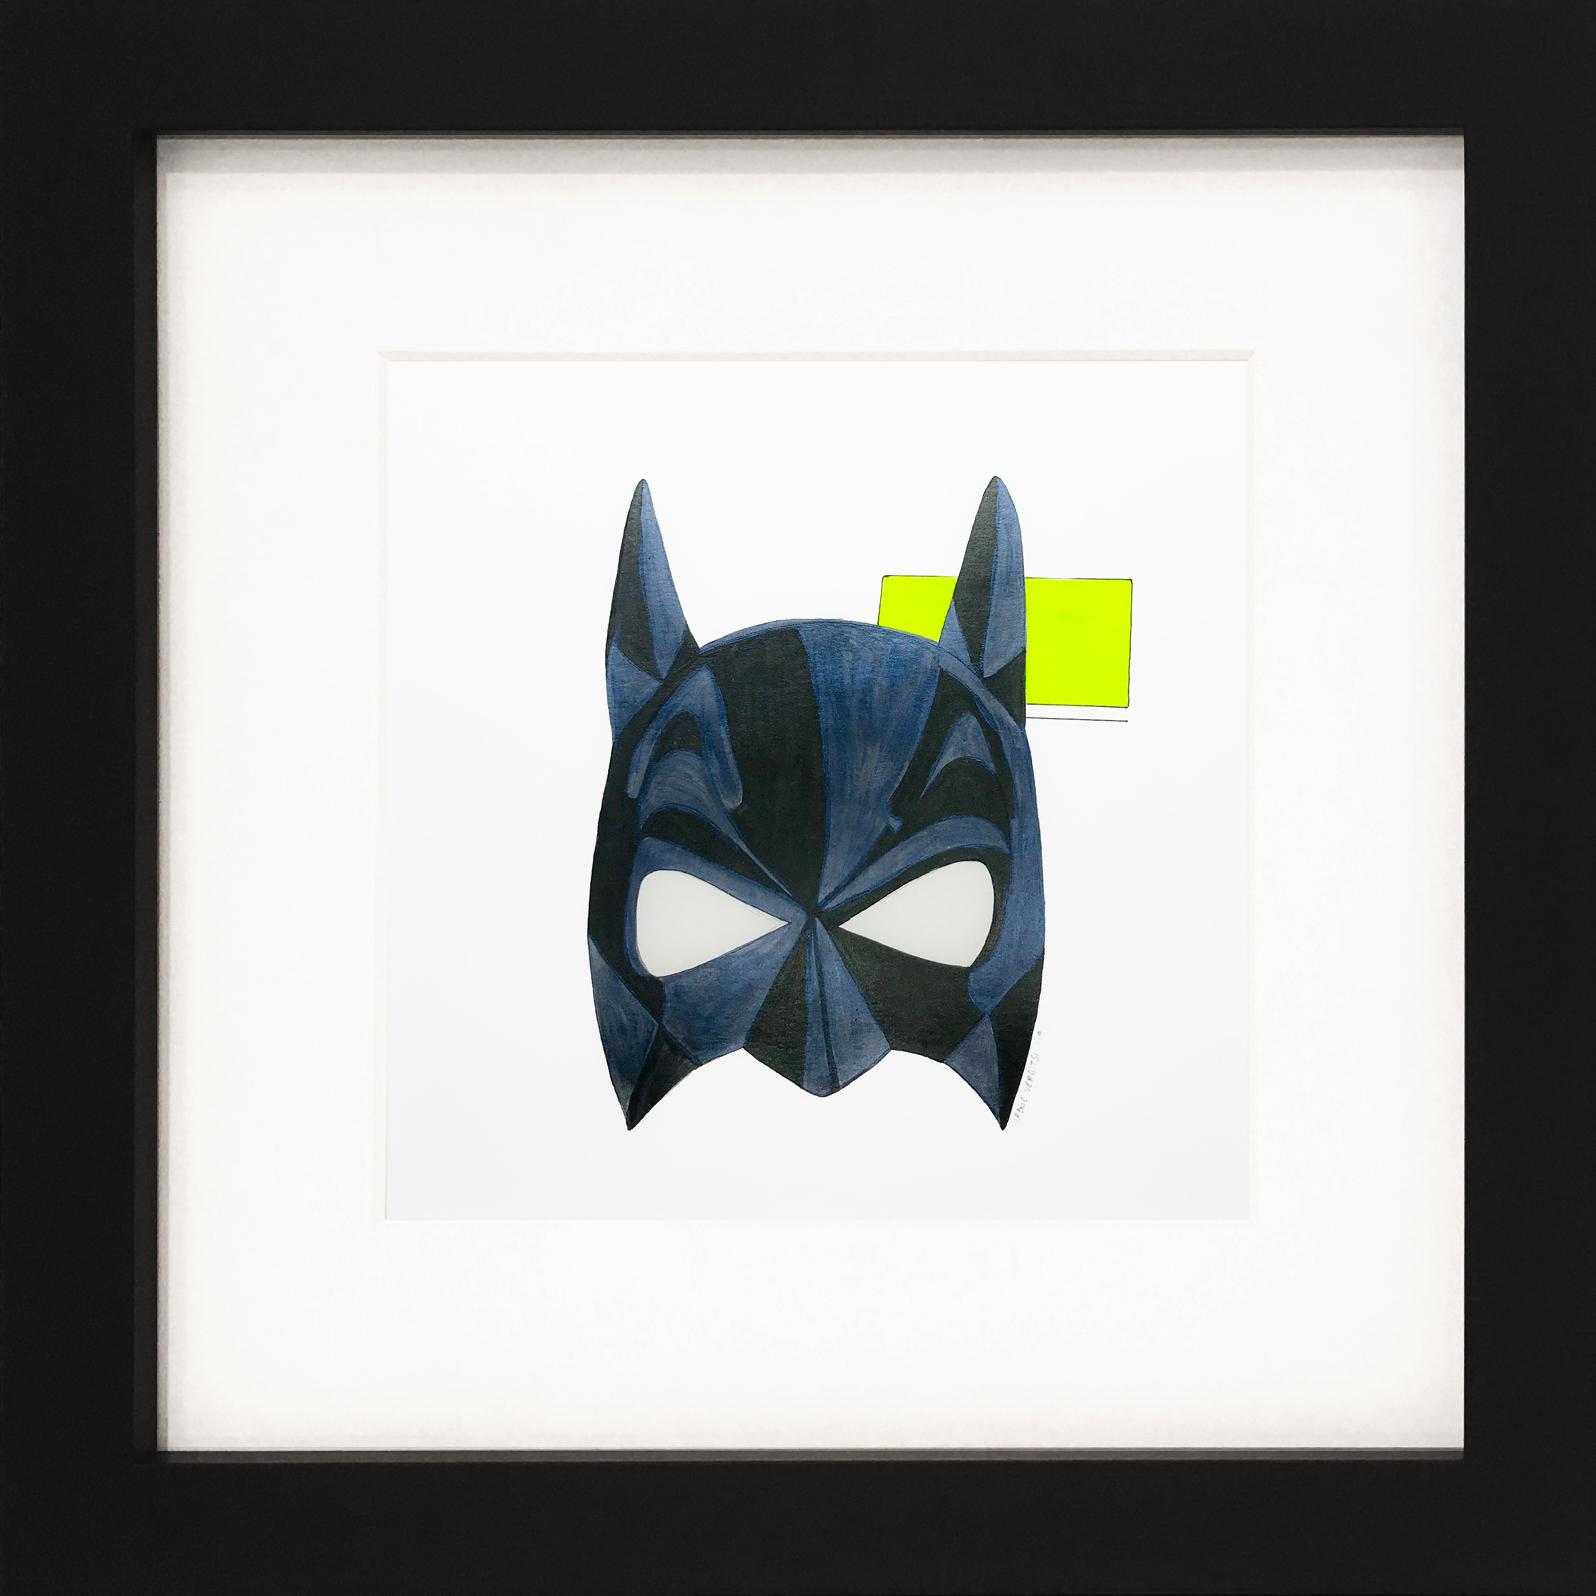 (Bruce) 2 in frame